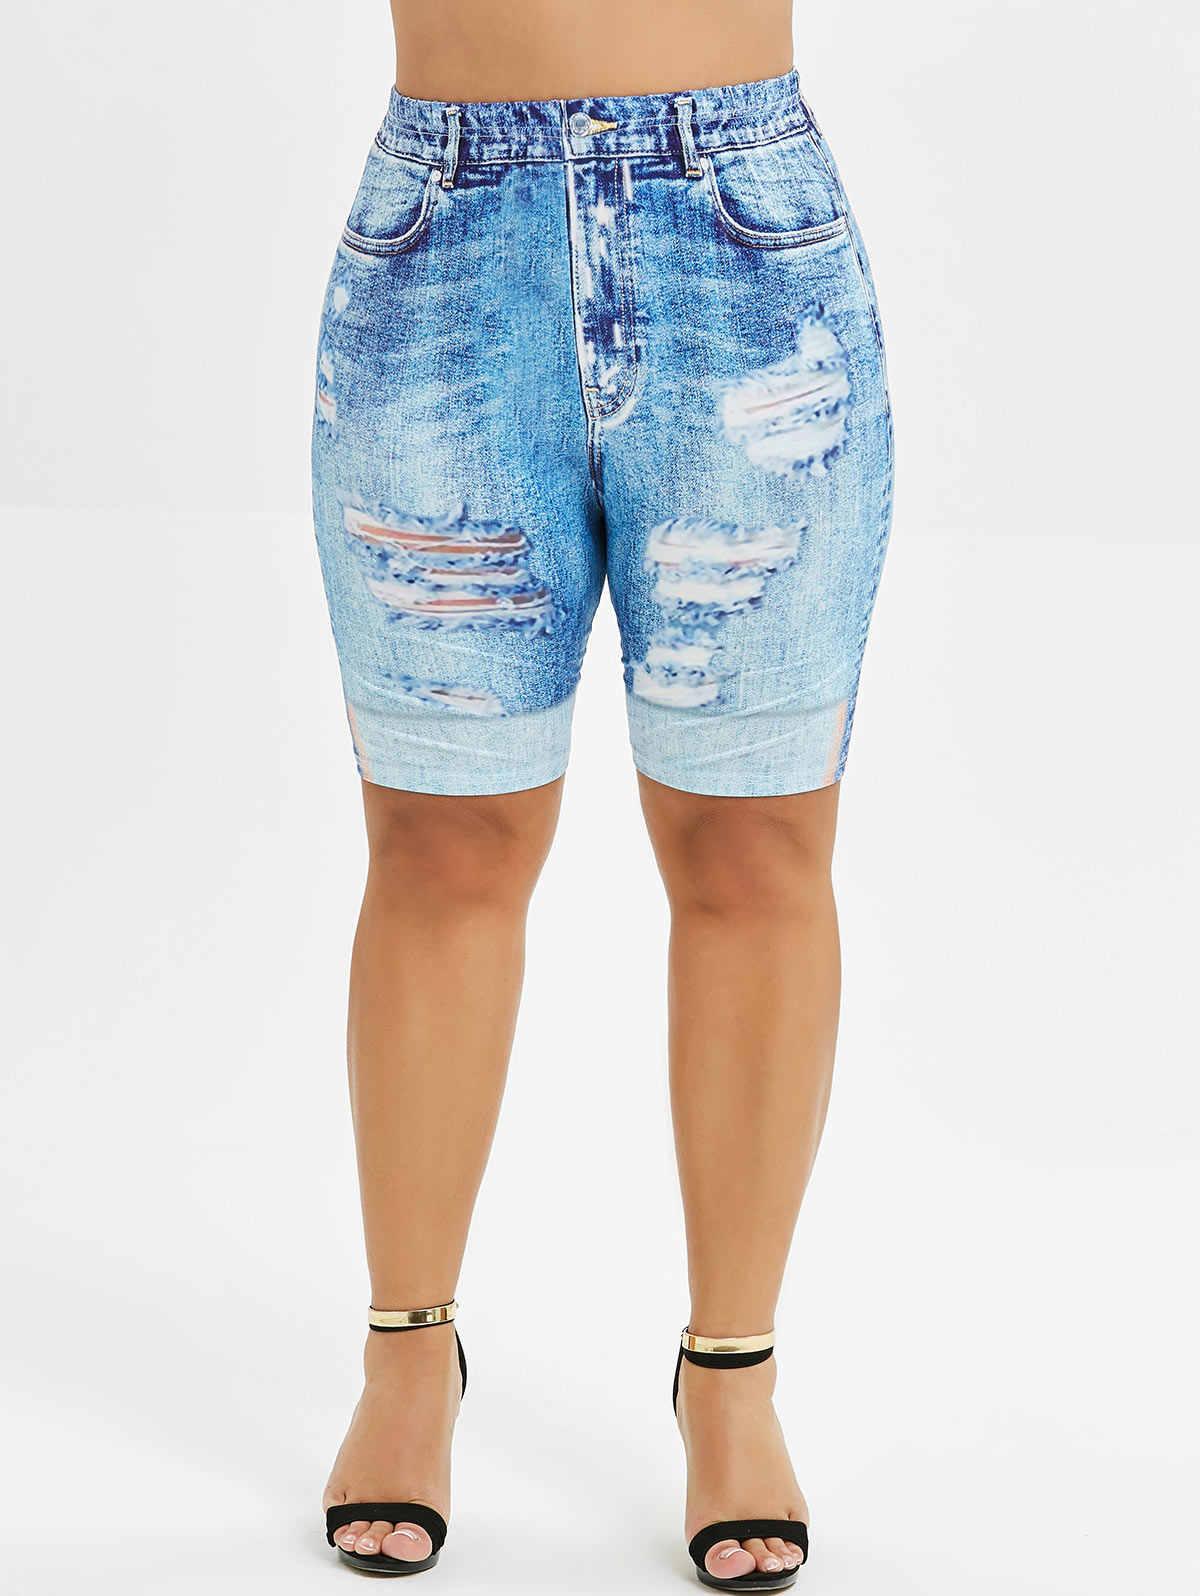 Wipalo плюс Размеры 3D с джинсовым принтом Короткие мини леггинсы, брюки-скинни с завышенной талией, с эластичной резинкой на талии, узкие леггинсы для фитнеса Для женщин пикантные Легинсы Femme 5XL